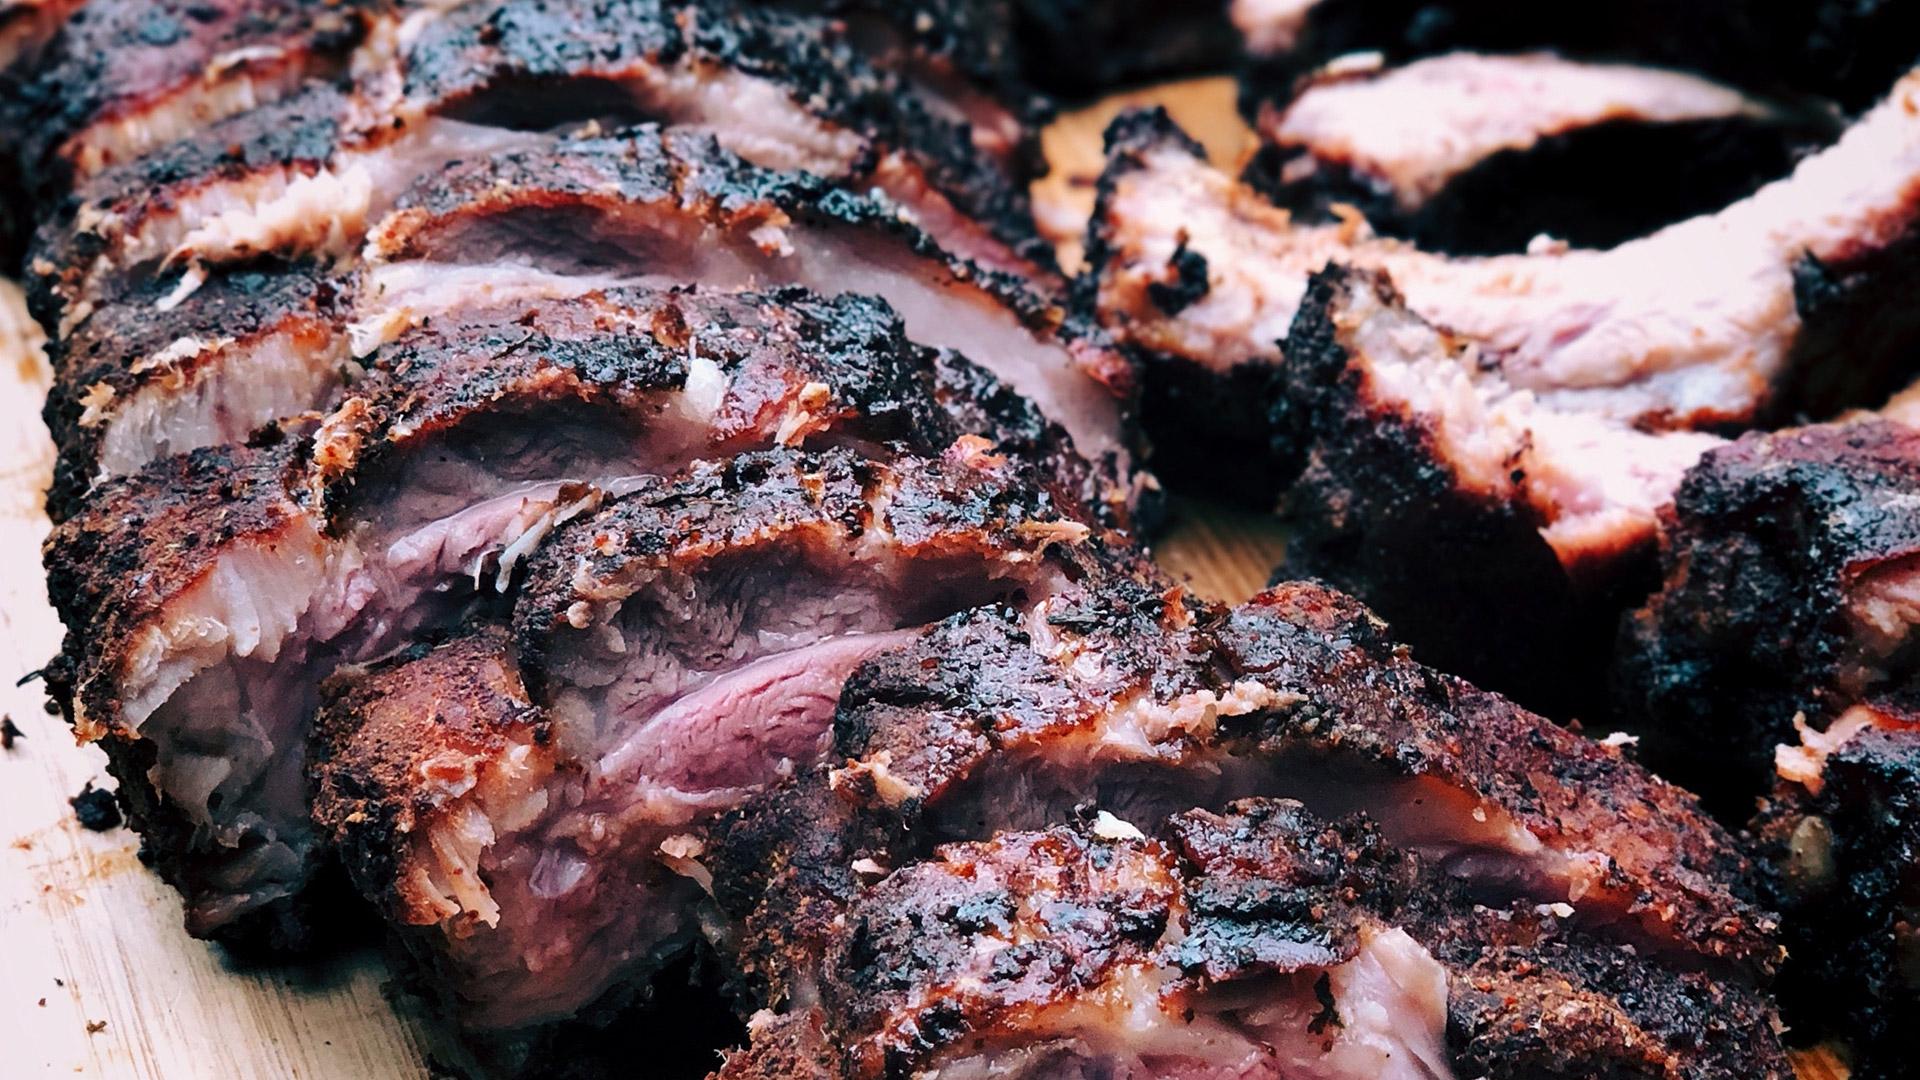 Brontos Pork Ribs - Durbanville Takeaway Delivery